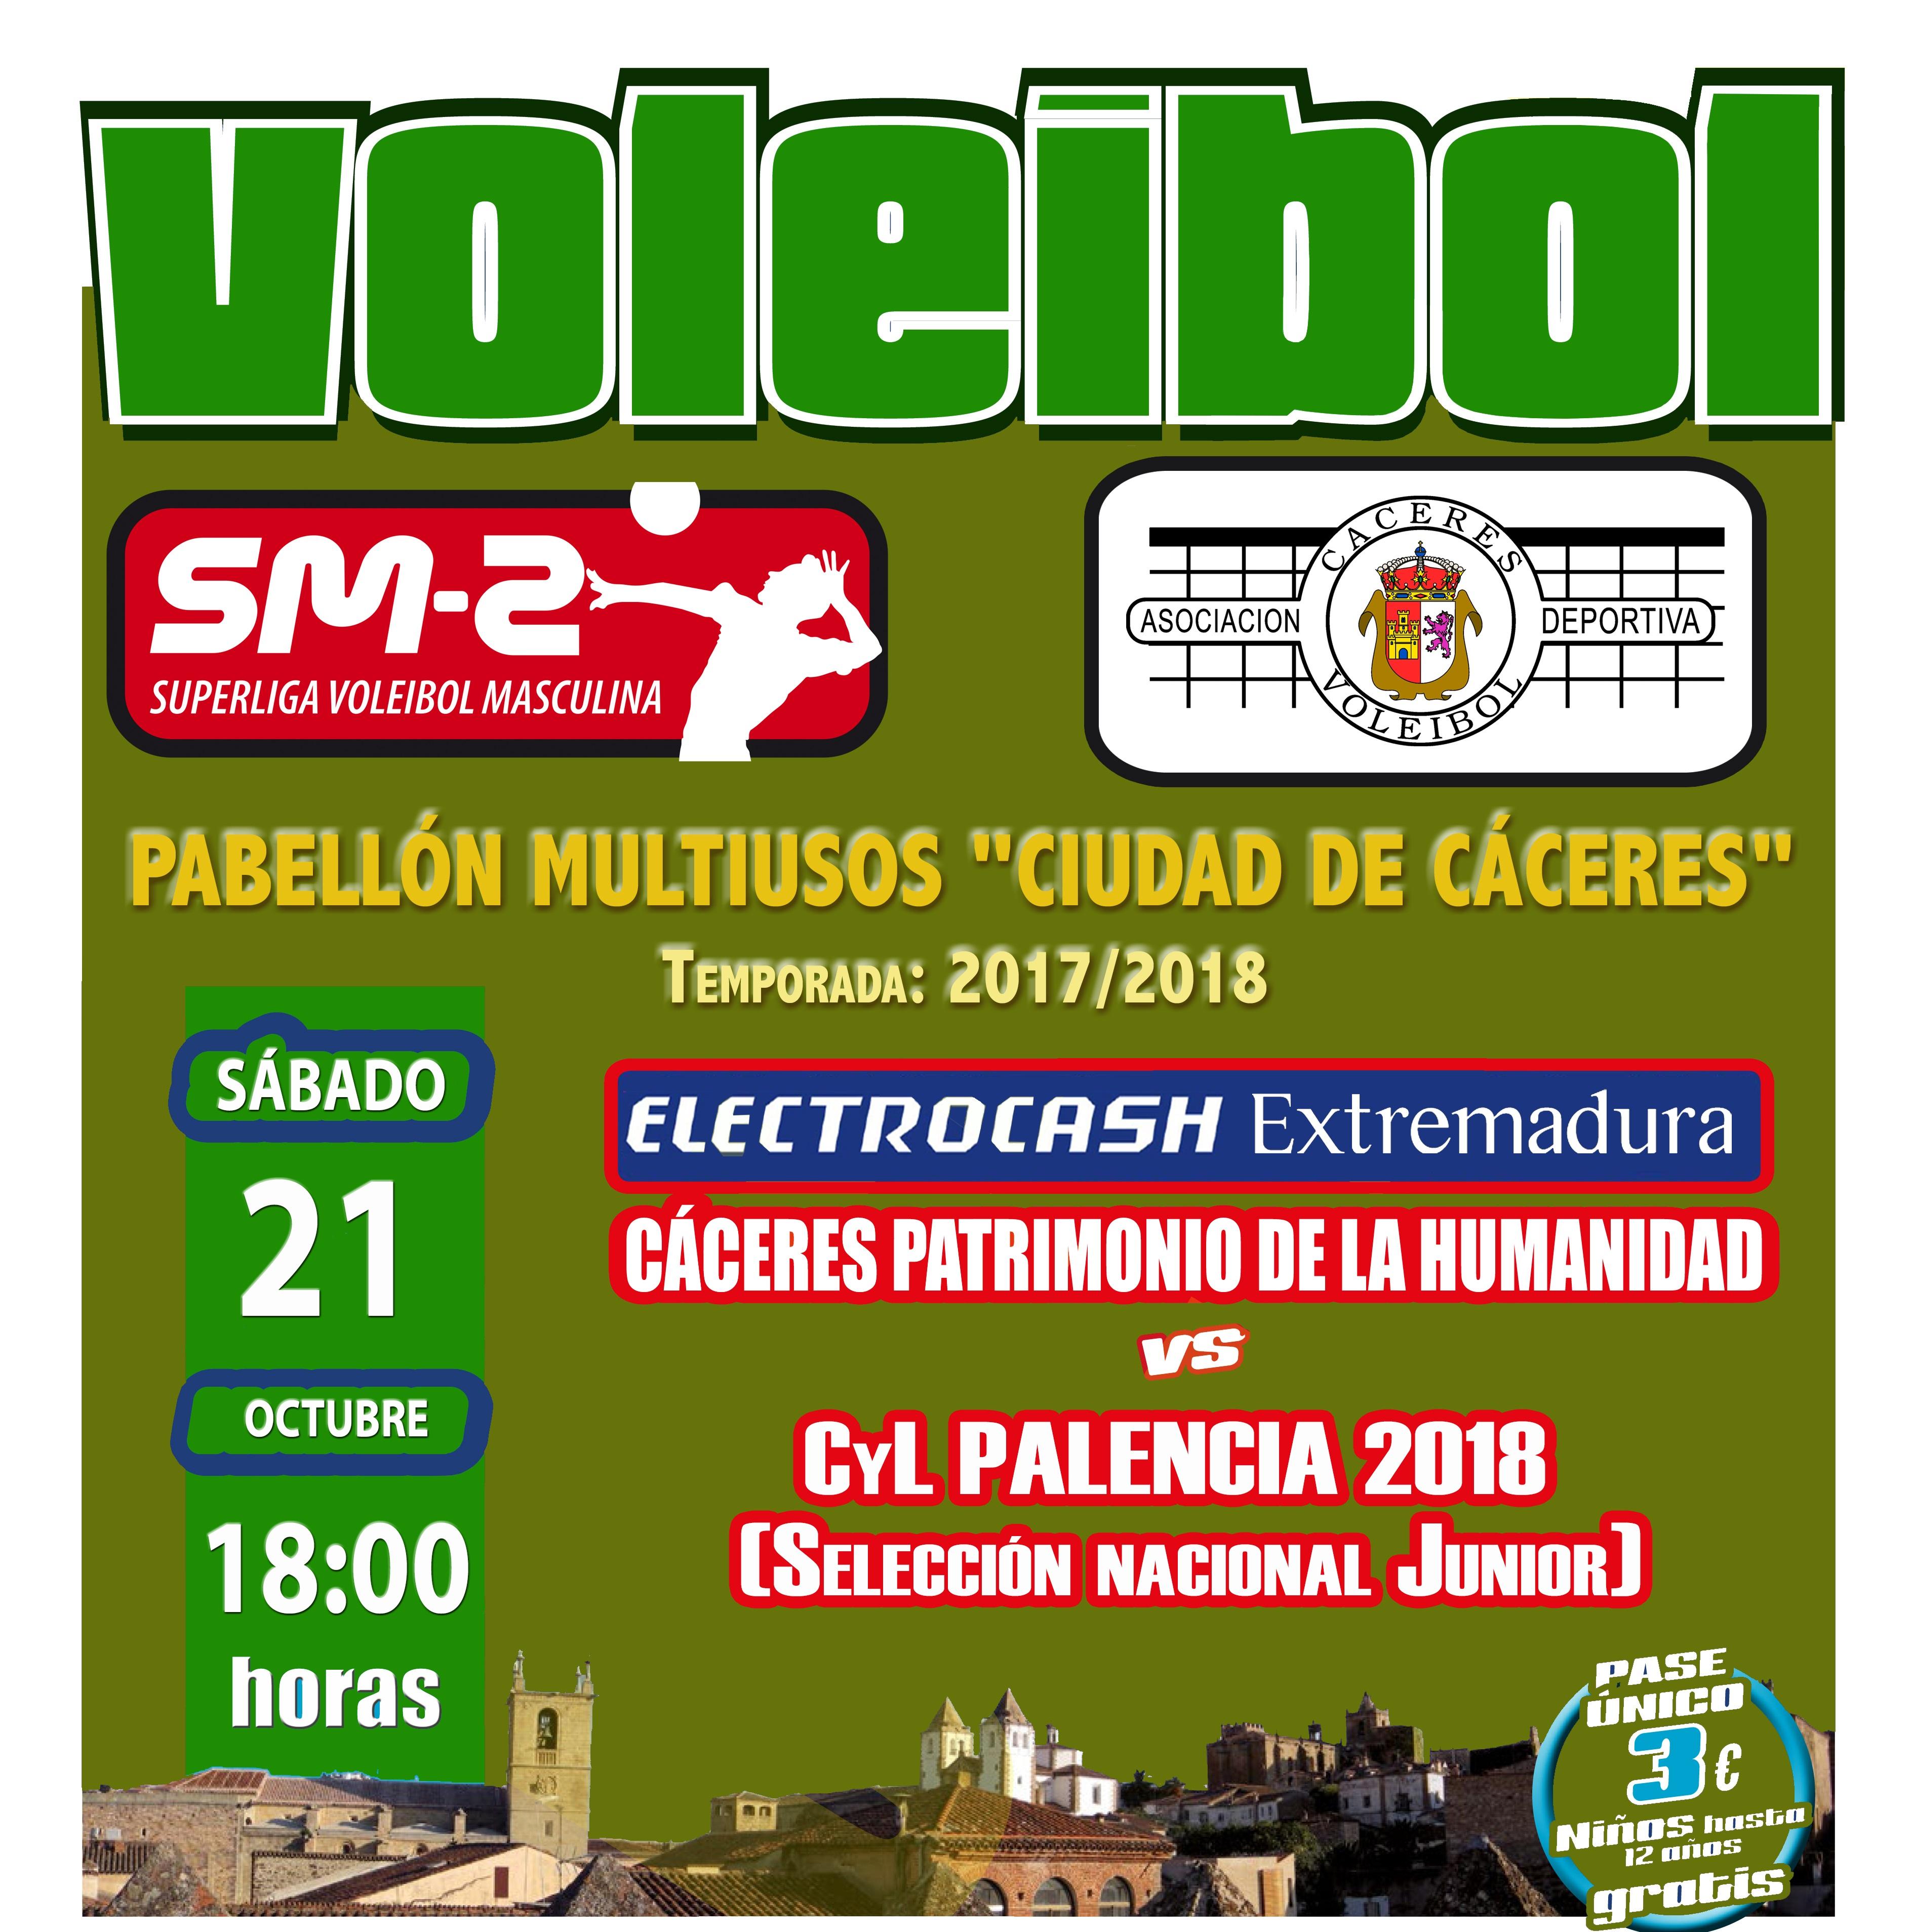 Electrocash Extremadura - C y L Palencia